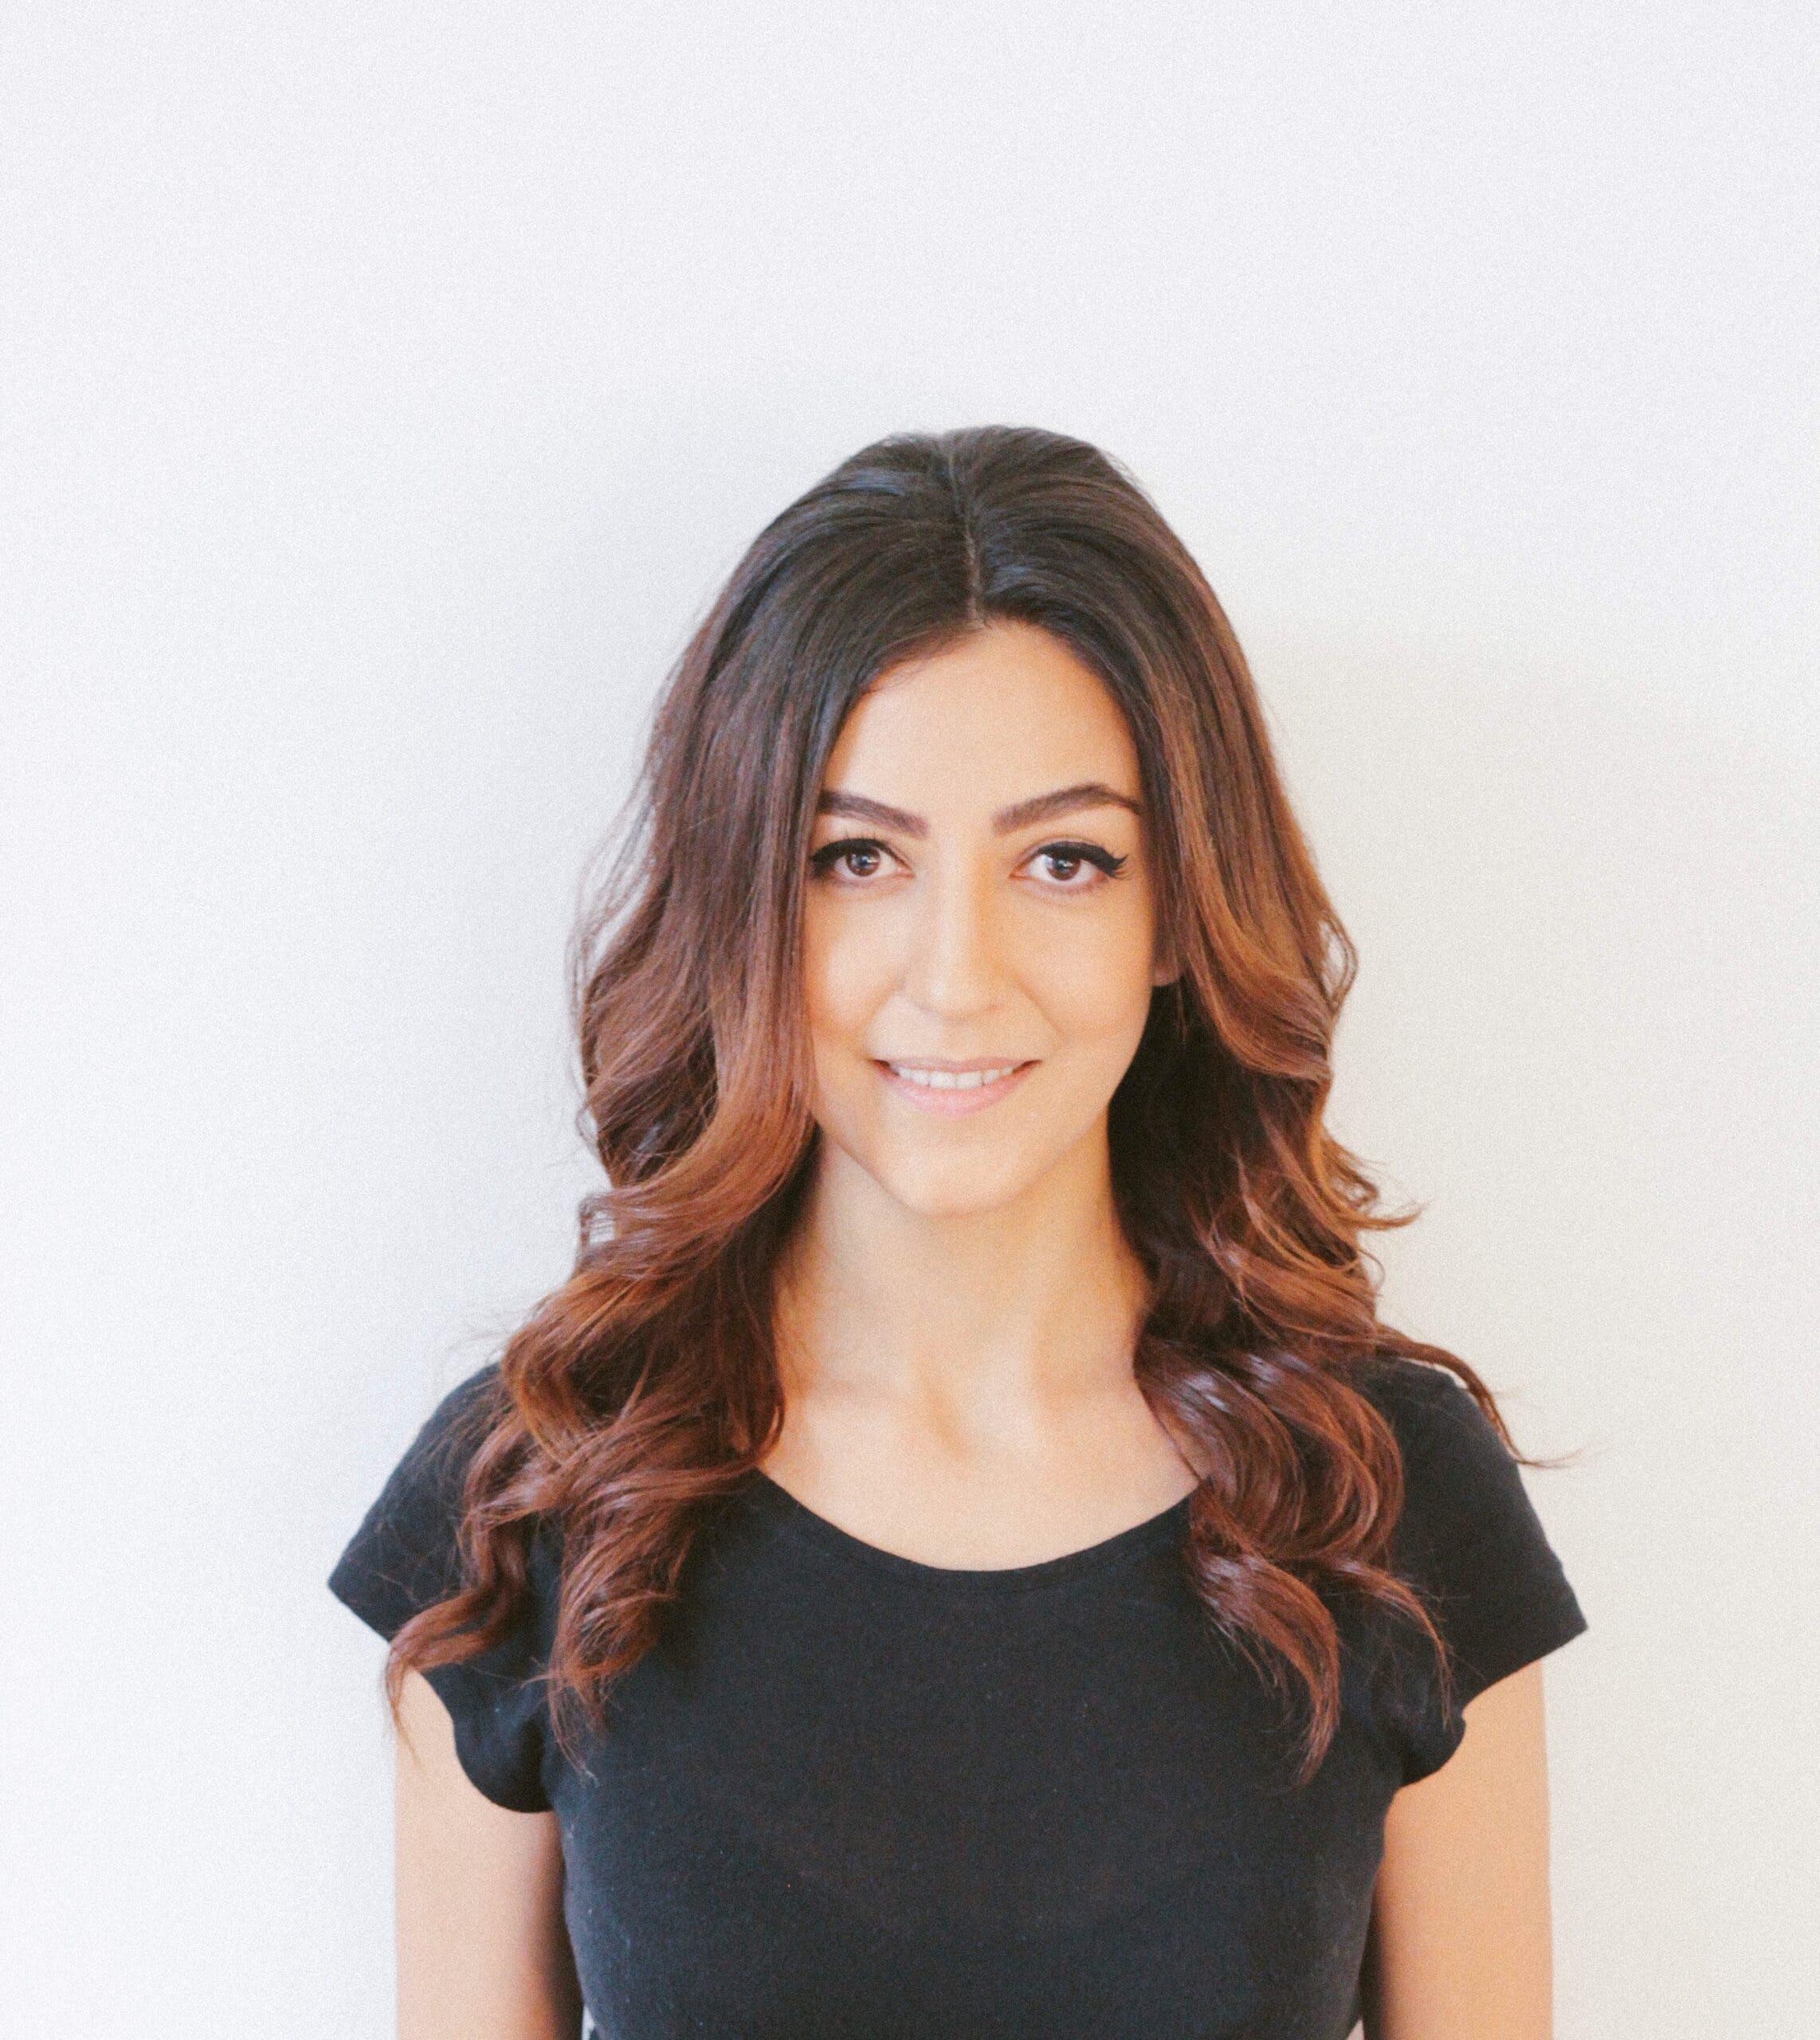 Maryam Mobini